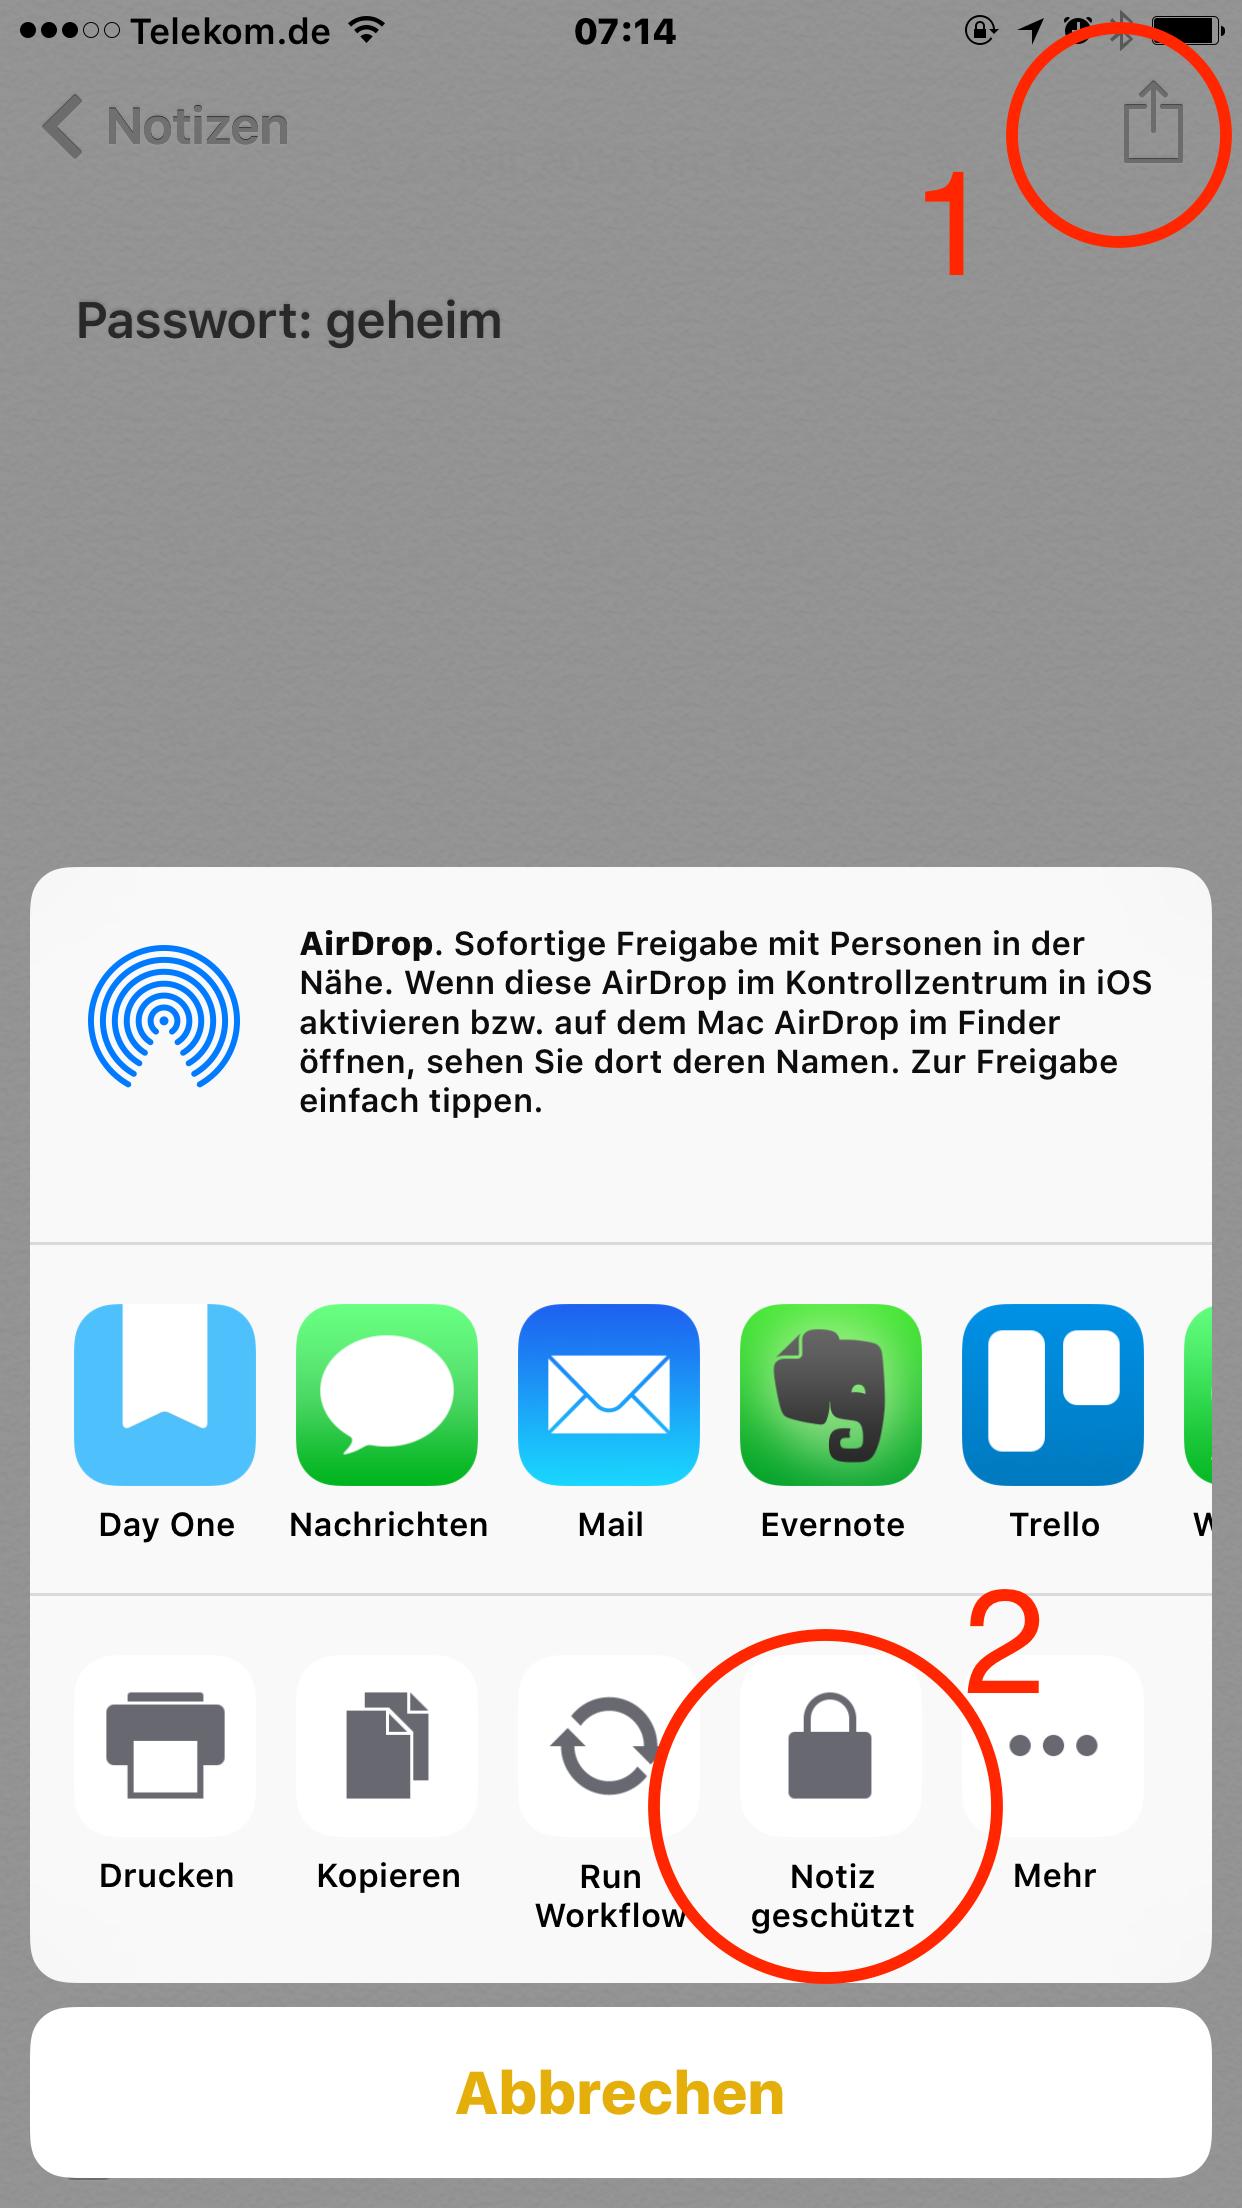 PIN und Passwörter auf dem iPhone